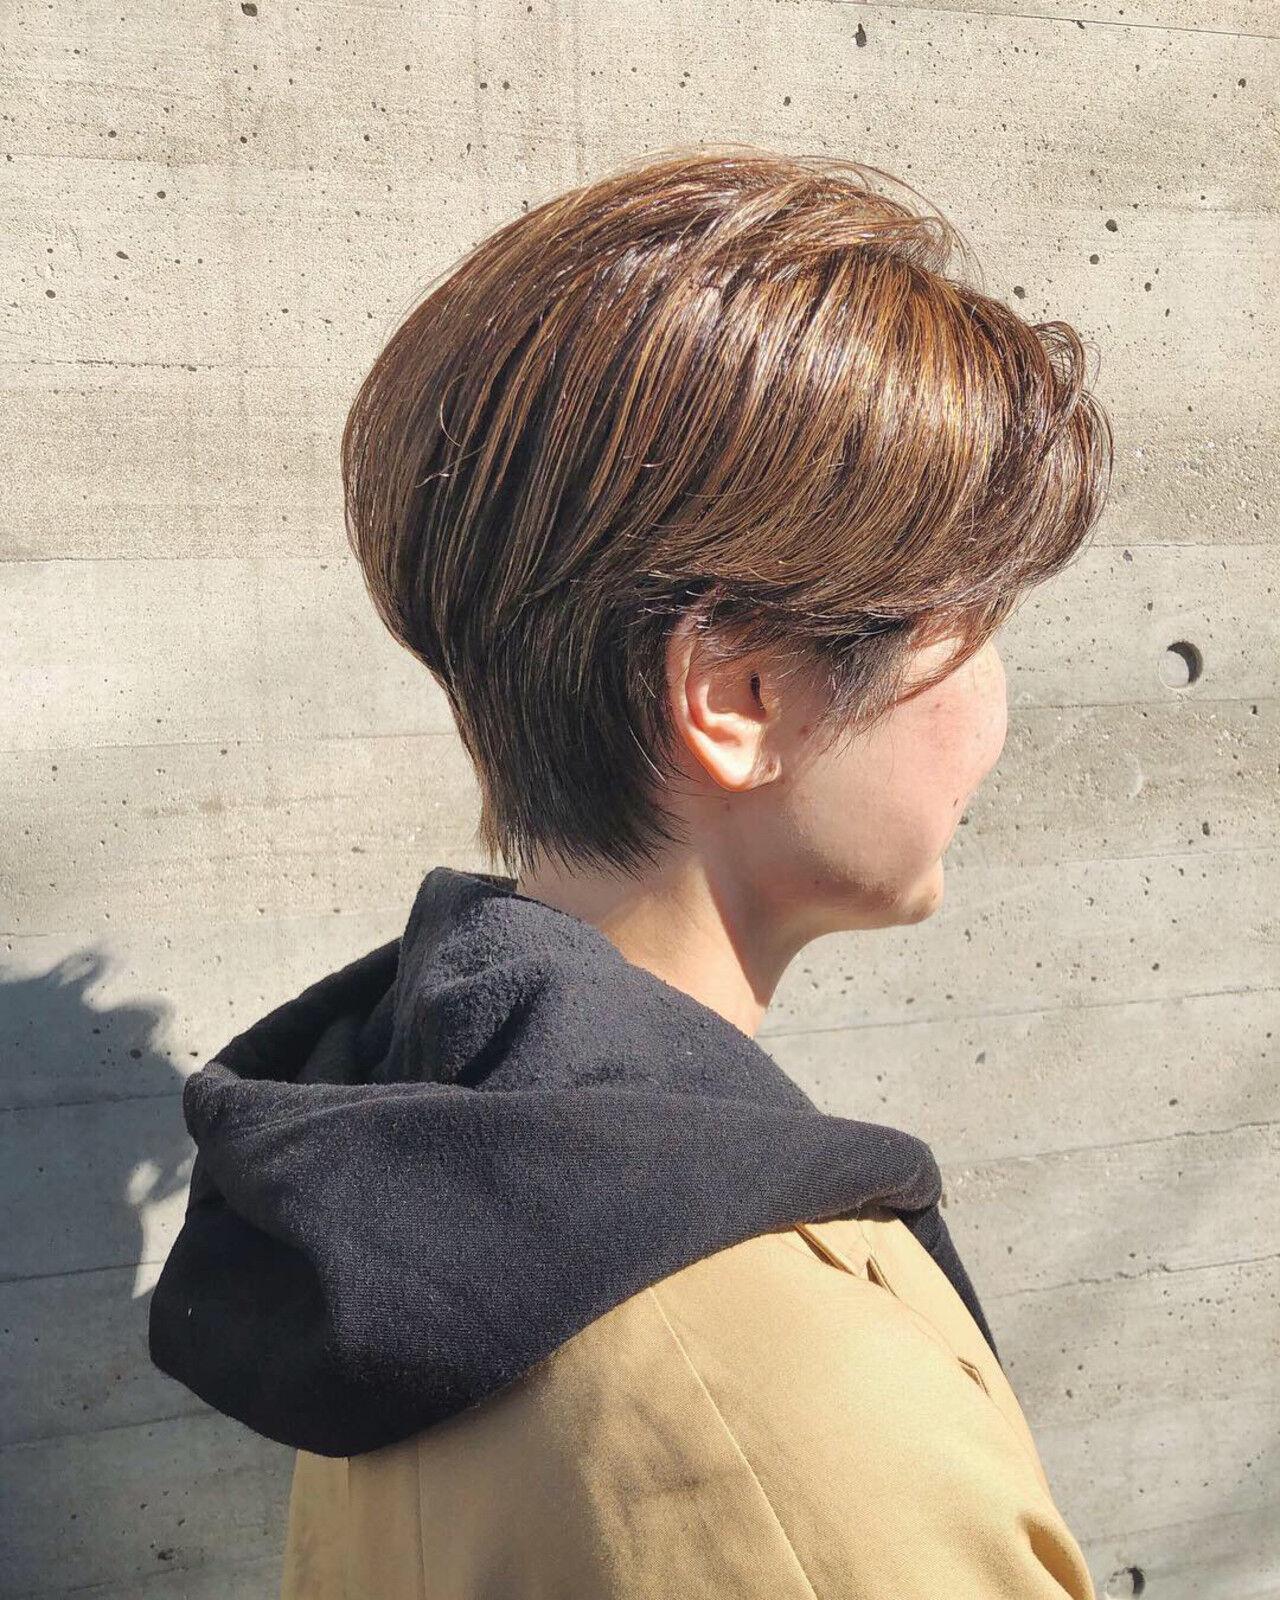 ナチュラル ショートヘア ハイライト 大人ハイライトヘアスタイルや髪型の写真・画像